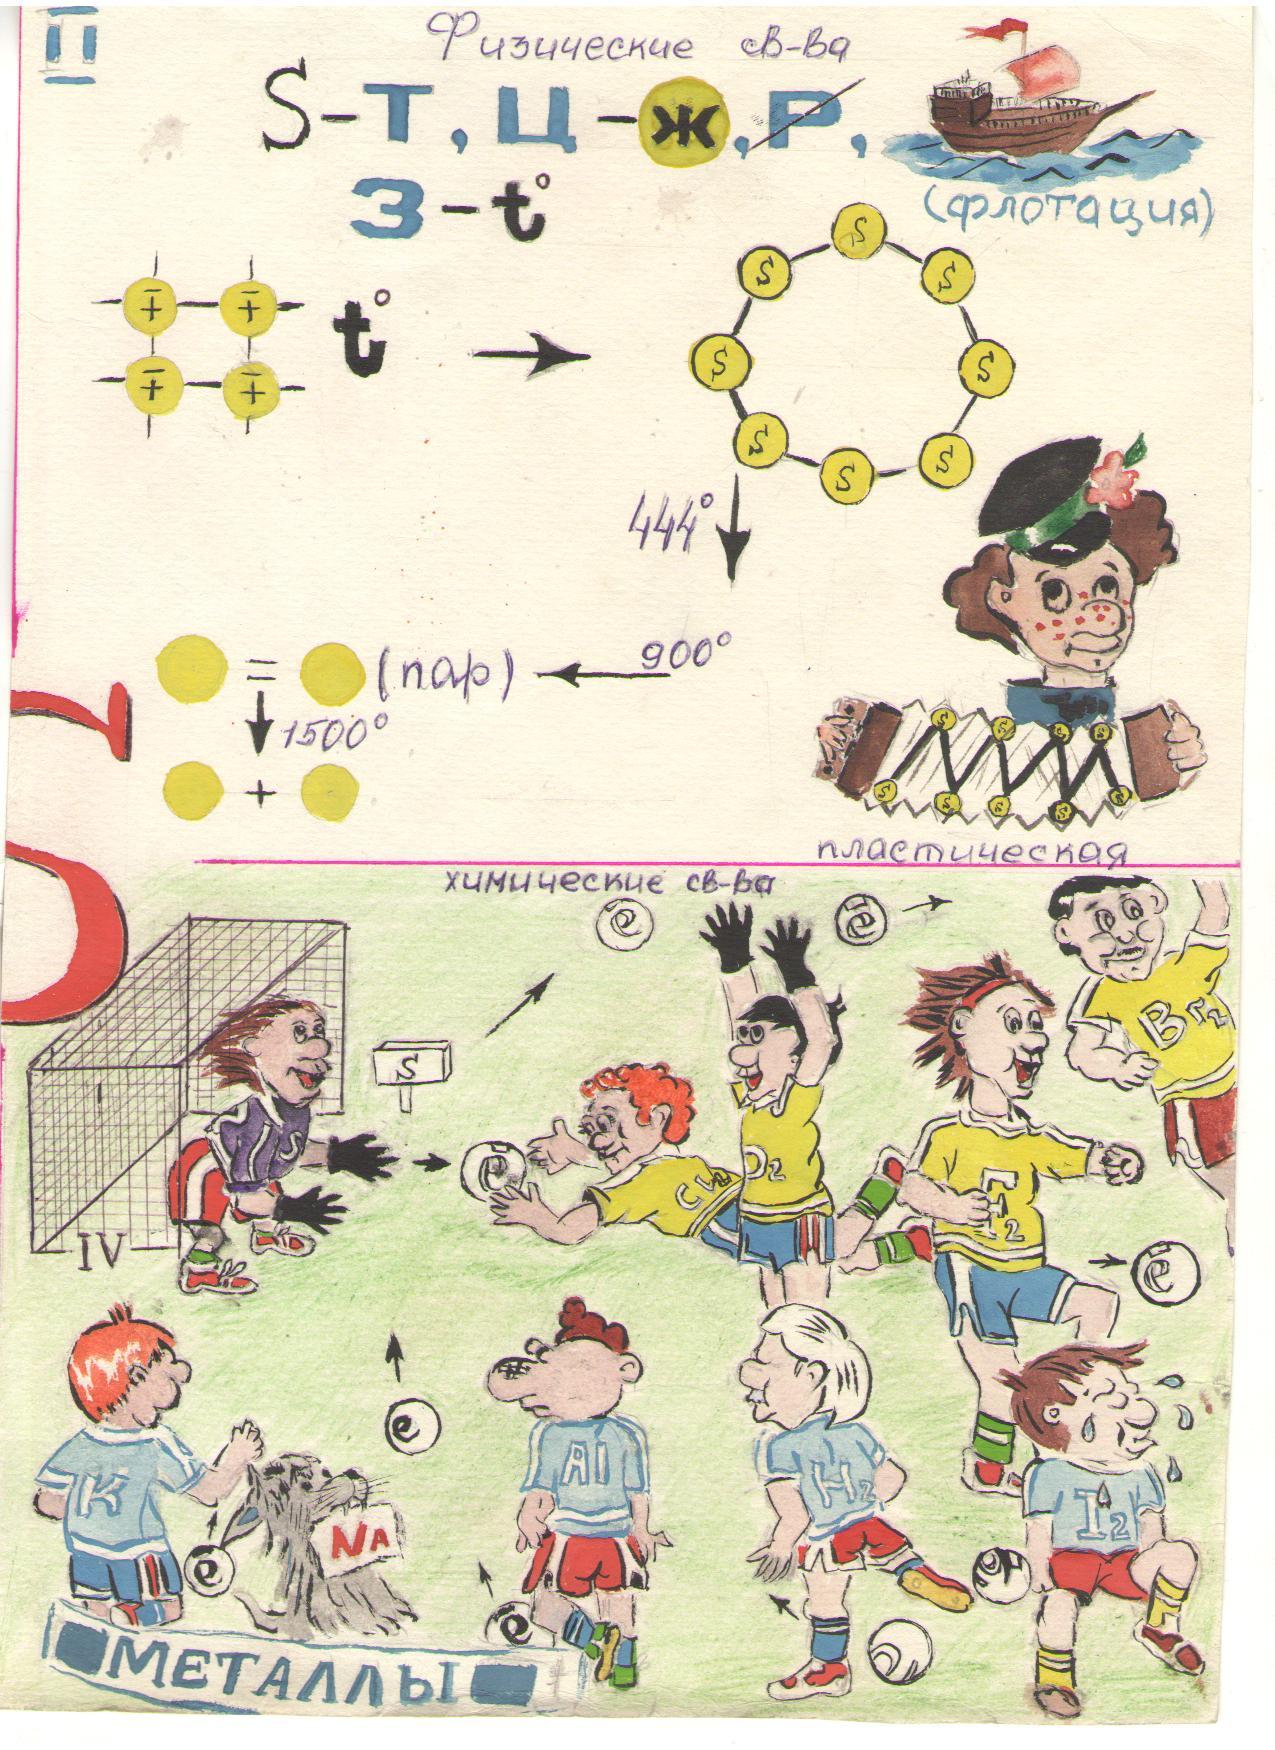 C:\Users\daniil\Desktop\Учеба\Системный админ\Химия\Водород, атомно-молекулярное учение\В фото-формате\химия17.jpg